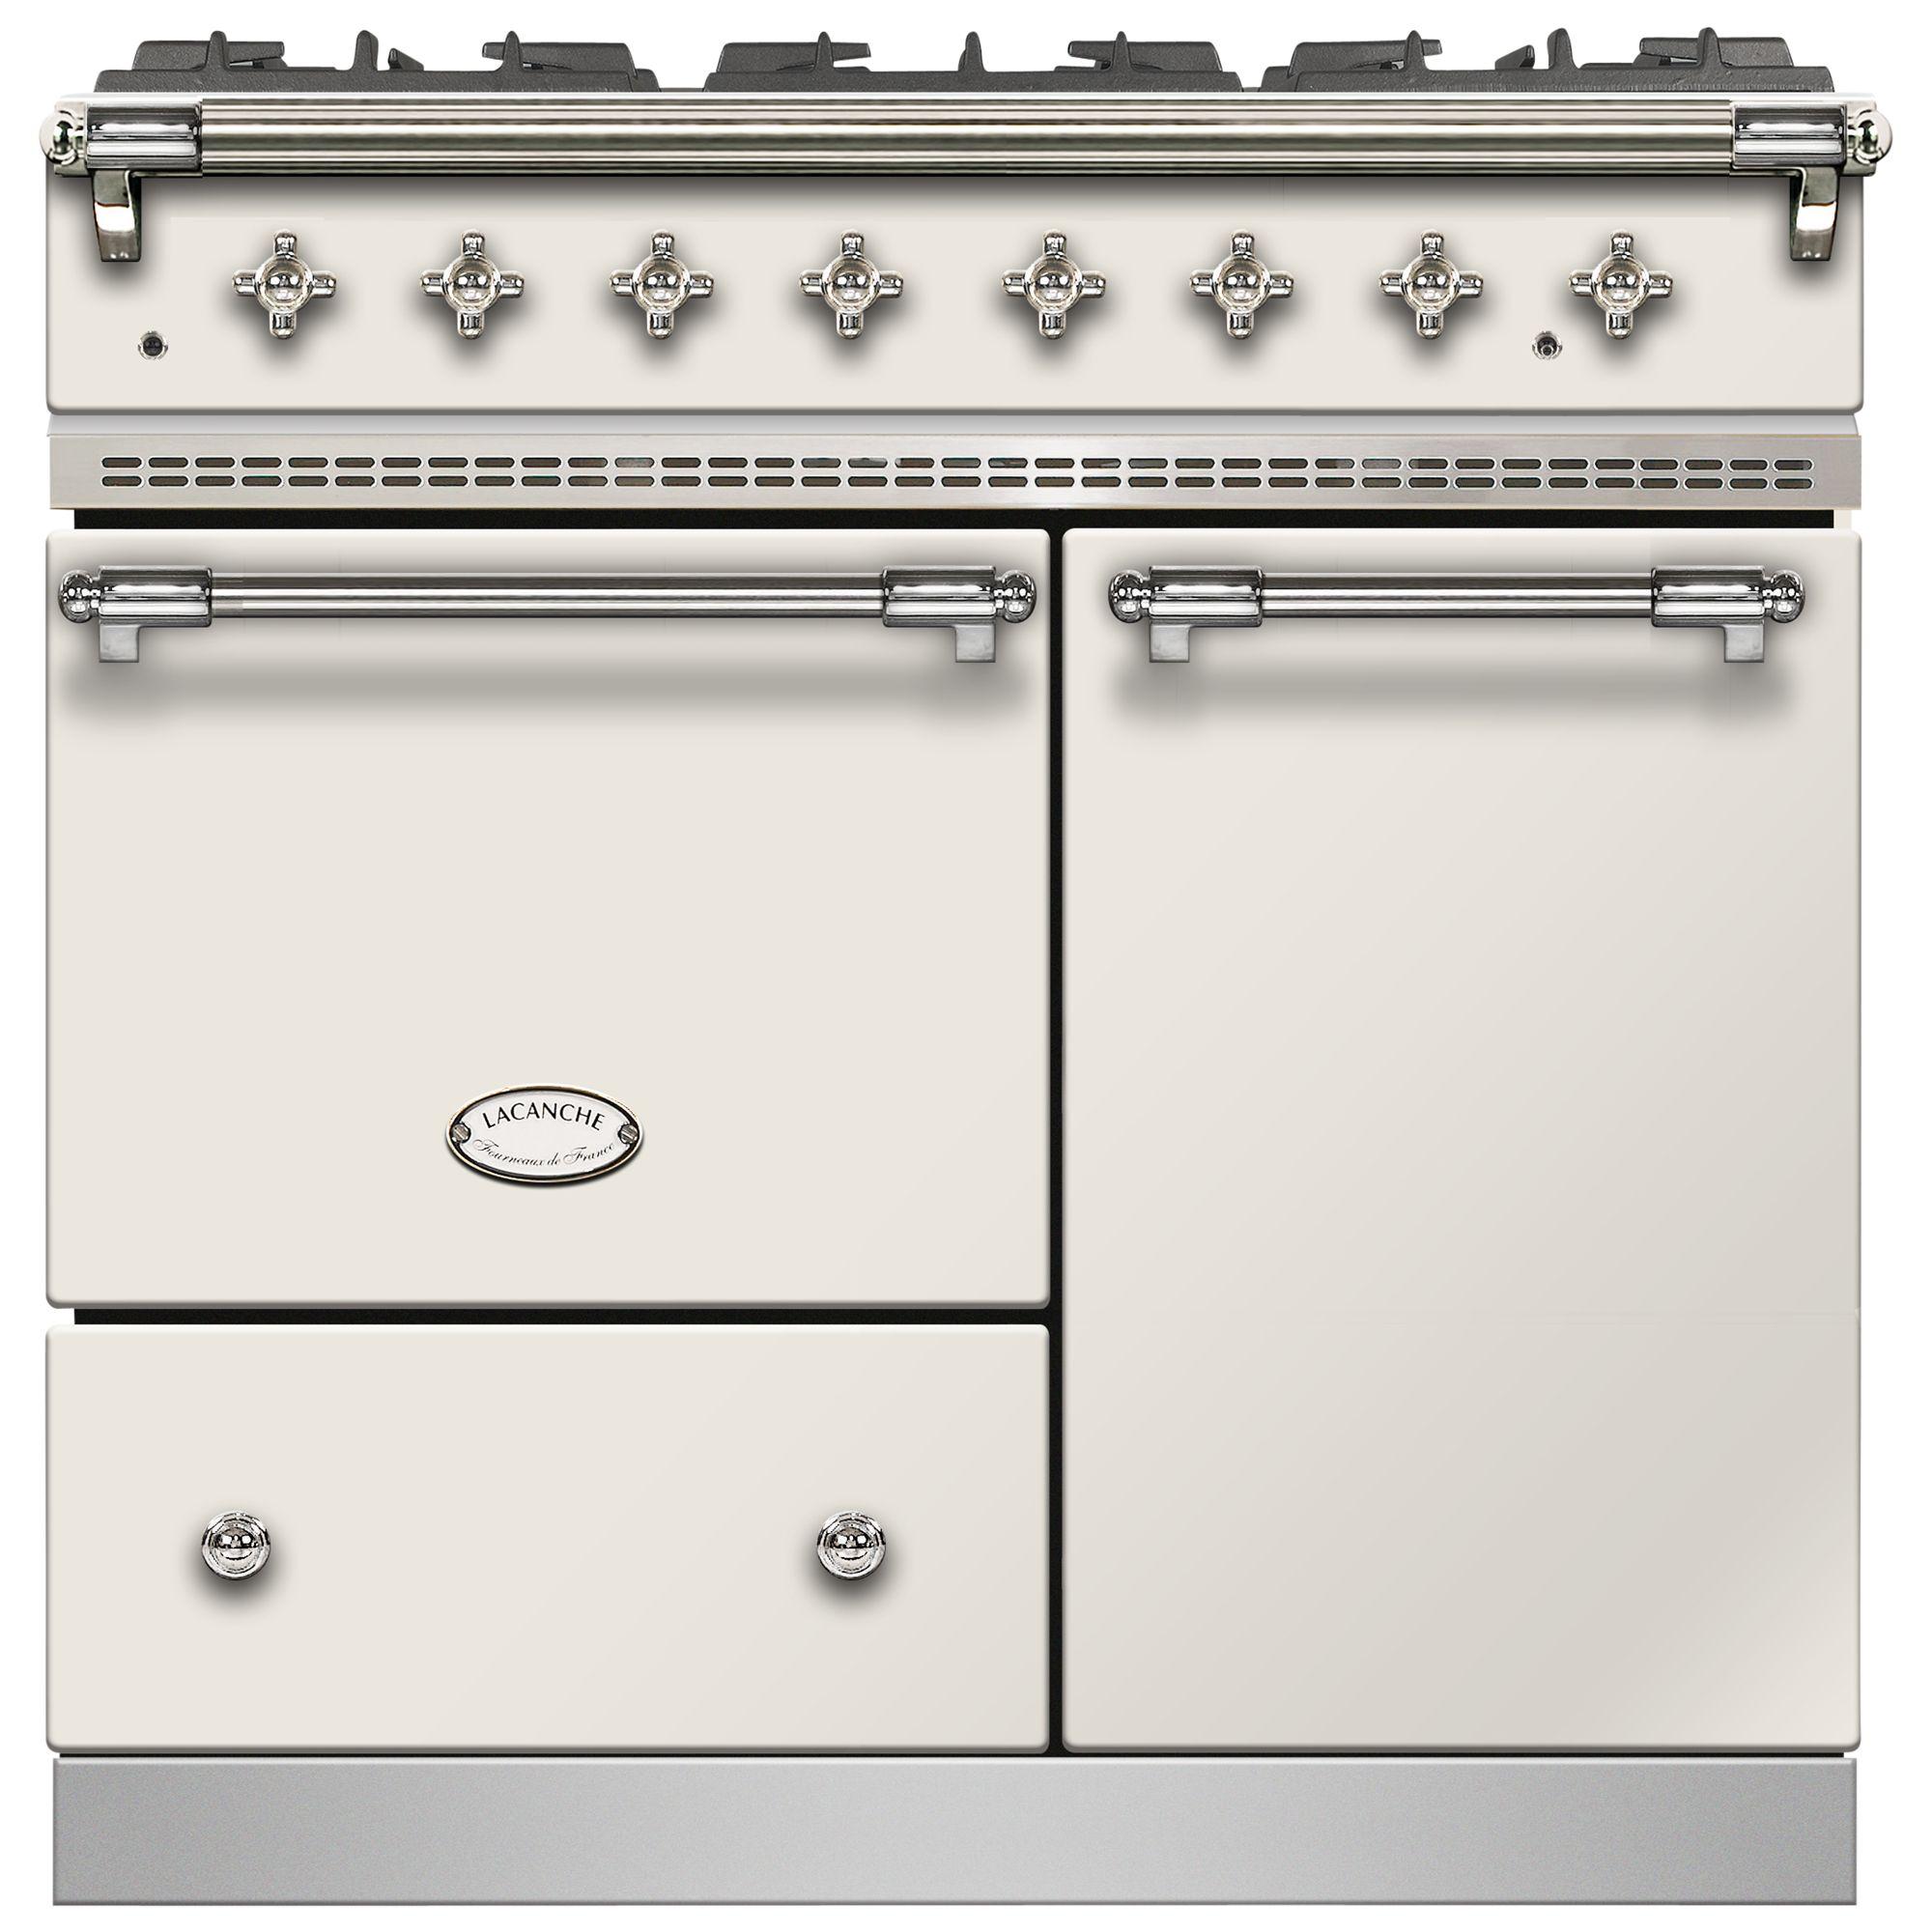 Lacanche Lacanche Beaune LG962GCTDIVCHA Dual Fuel Range Cooker, Ivory / Chrome Trim